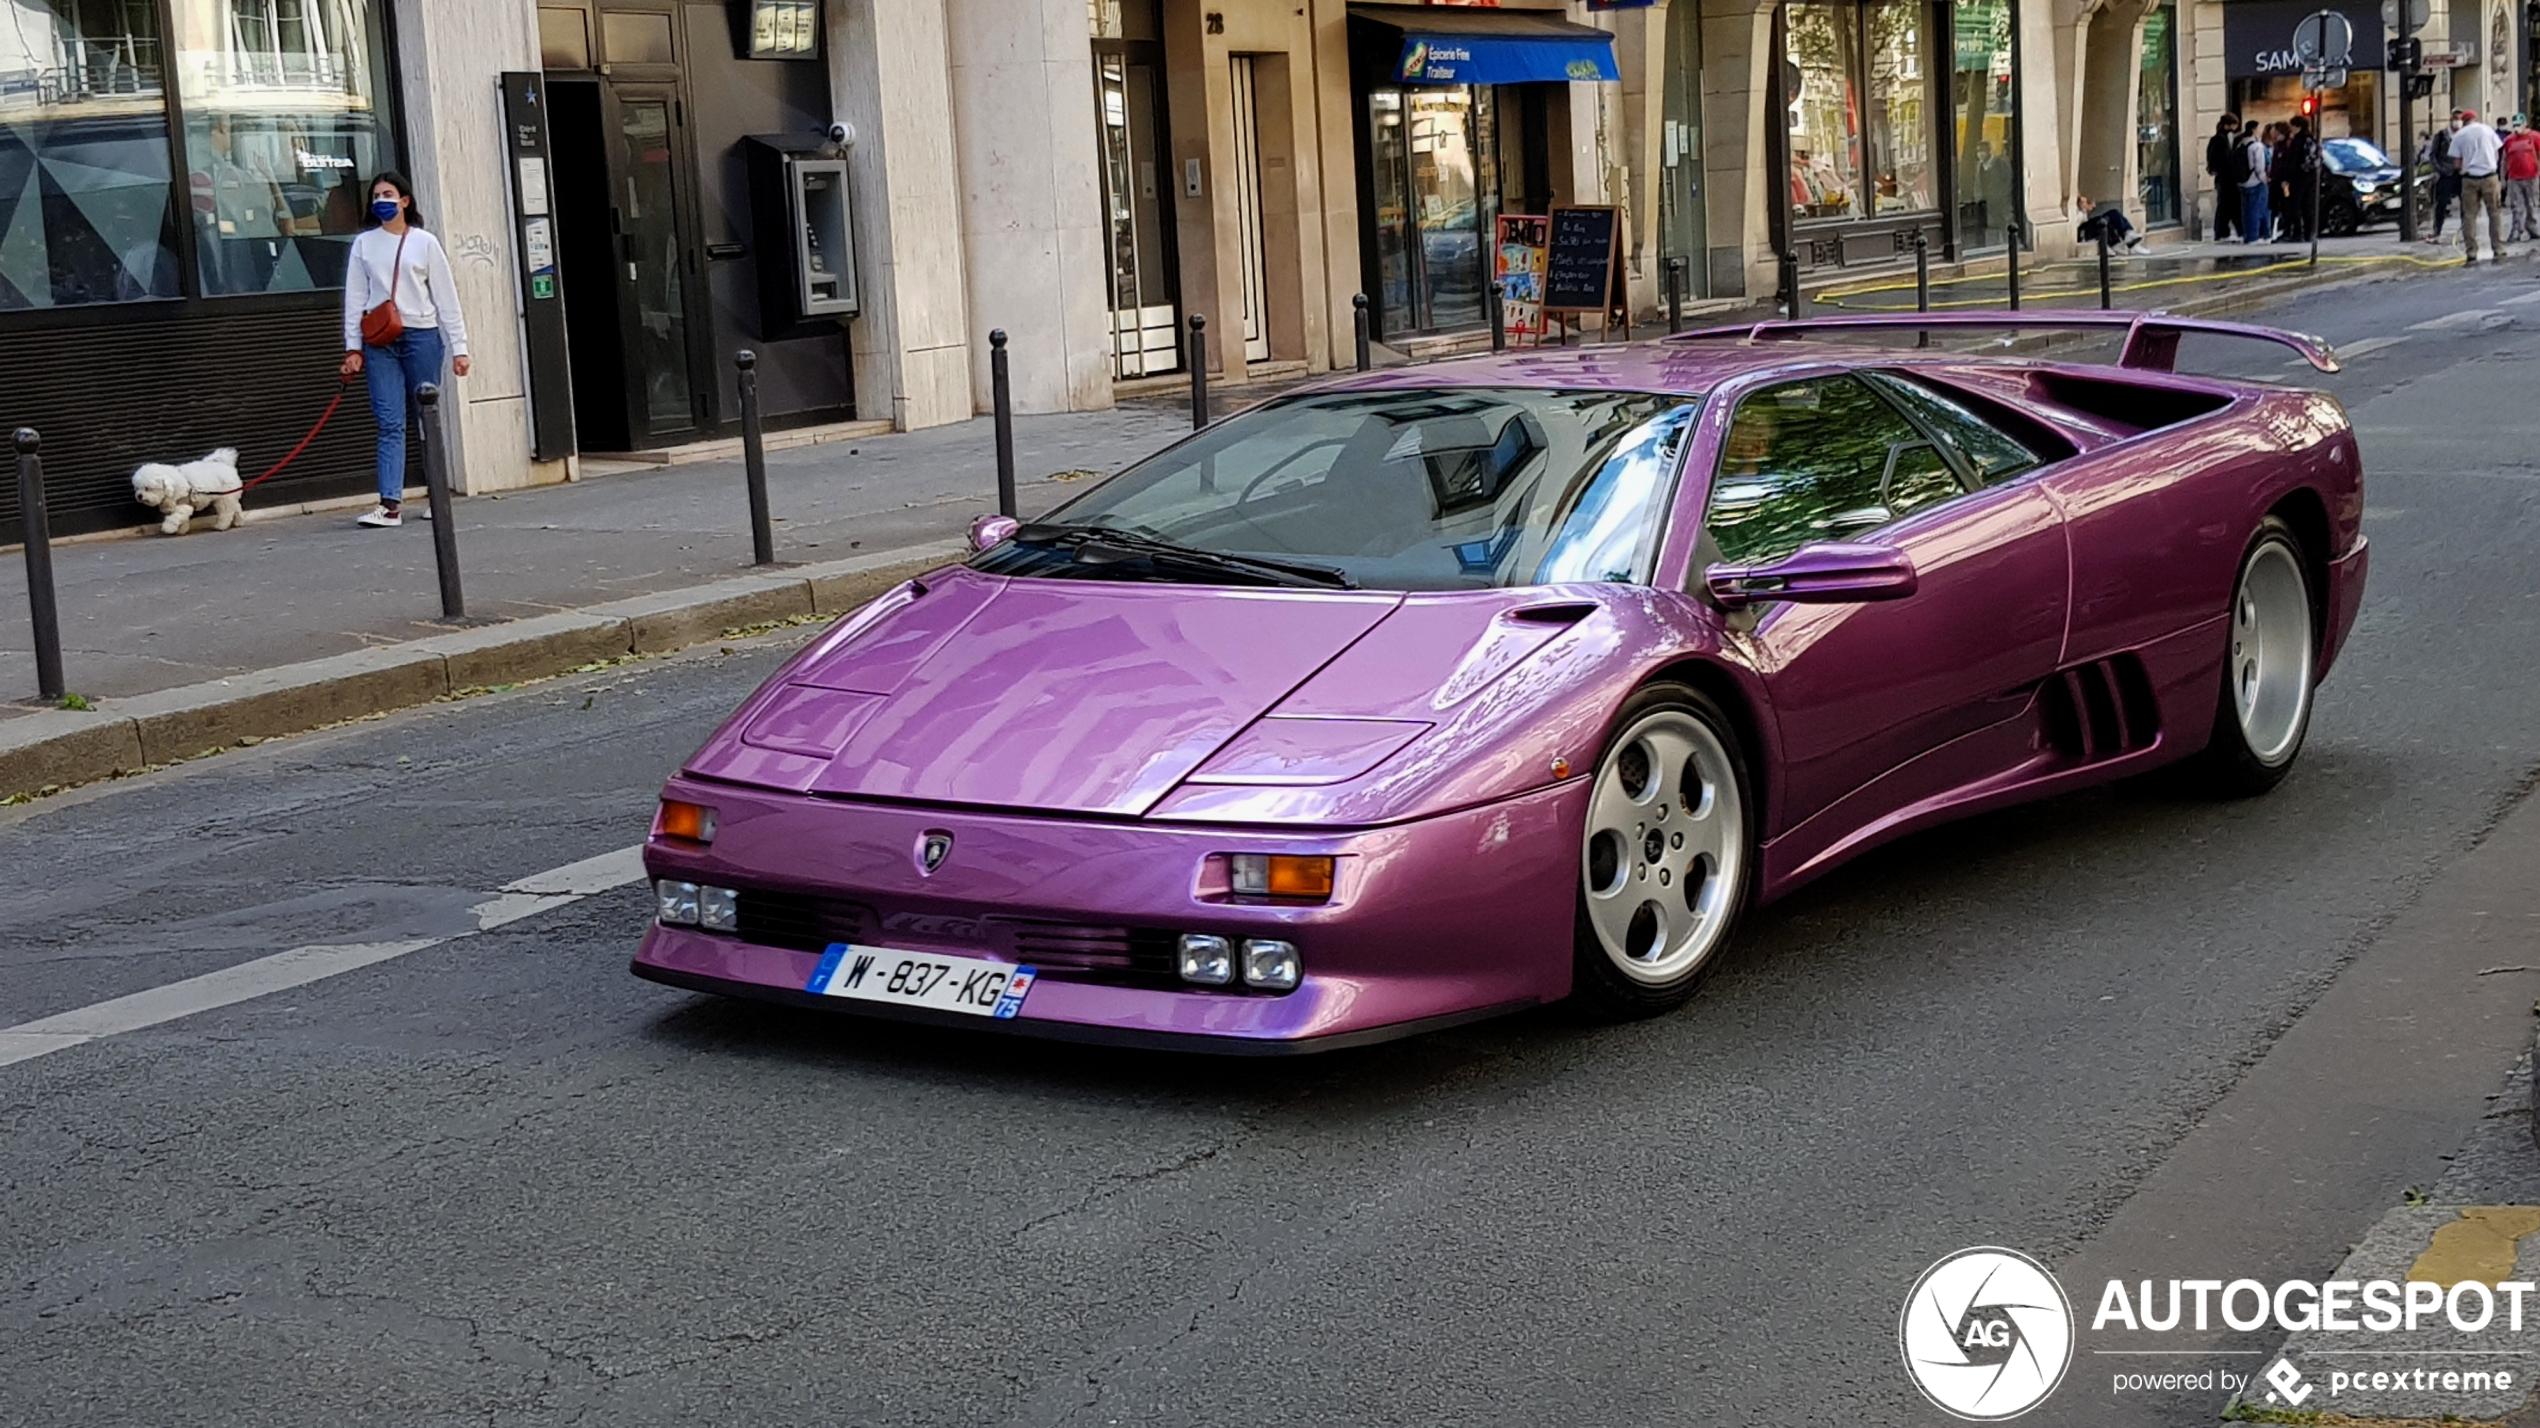 LamborghiniDiablo SE30